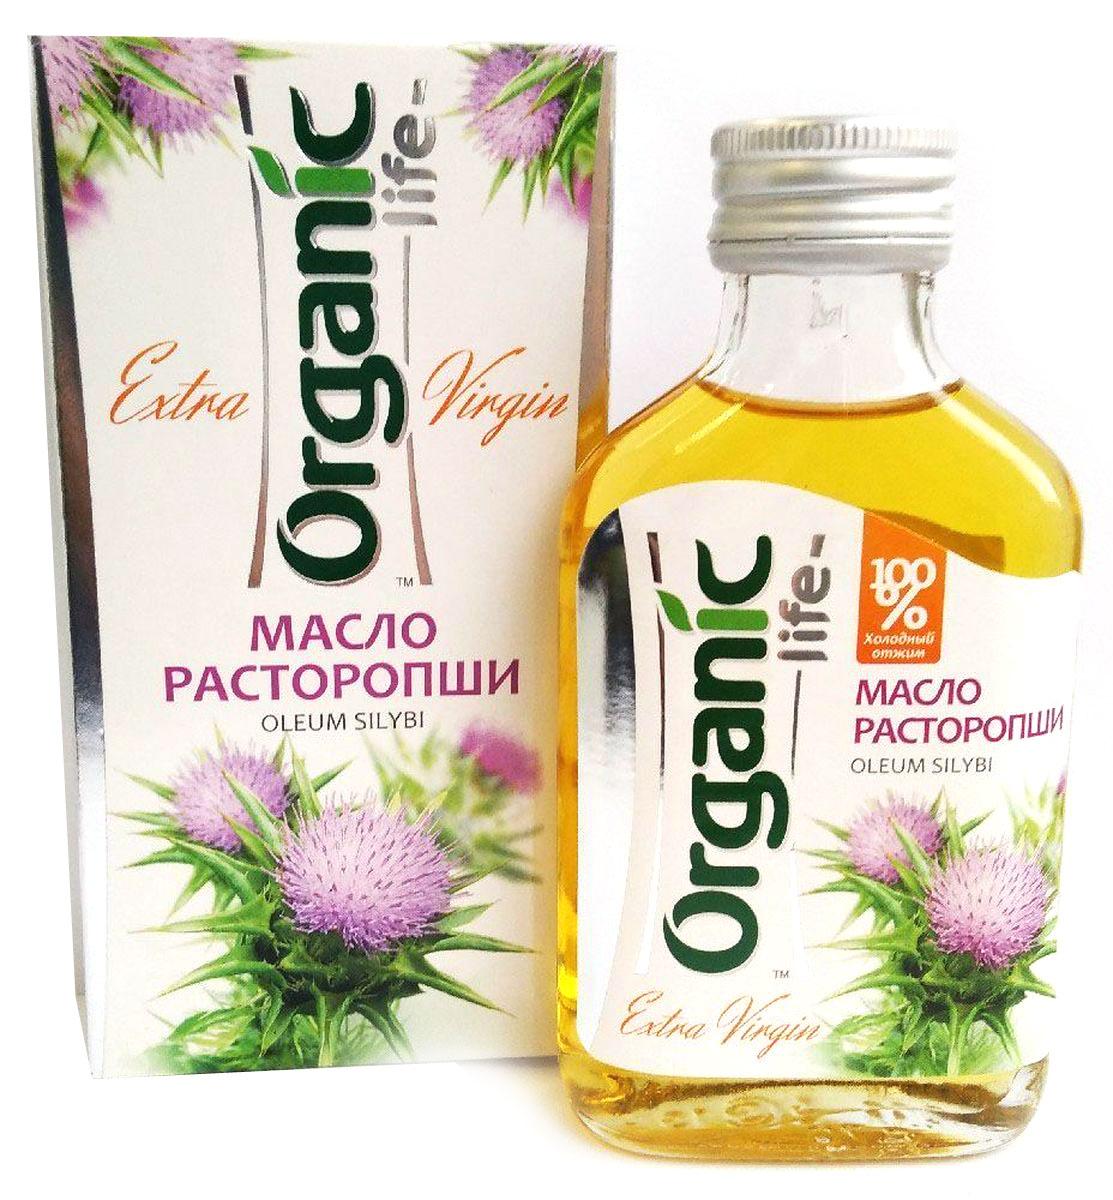 Organic Life масло расторопши, 100 мл212029Масло расторопши (из семян расторопши, выращенной на Юге Сибири) содержит редчайший комплекс флавоноидов силимарин, оказывающий выраженное гепатопротекторное, антиоксидантное и противовоспалительное действие. Вещество обезвреживает попавшие в организм яды и токсины, прежде чем они негативно скажутся на работе печени и желчевыводящих путей. Исследователи отмечают, что на сегодняшний день силимарин – единственное природное соединение, которое надежно защищает клетки печени и восстанавливает их мембраны. В масле расторопши содержатся макро- и микроэлементы, вся группа жирорастворимых витаминов (А, D, Е, К), полиненасыщенные жирные кислоты (Омега-3 и Омега-6), важнейшие аминокислоты, флаволигнаны (препятствуют проникновению ядовитых веществ в печень). Масло расторопши обладает нейтральным вкусом и ароматом. Способ применения: по 1 ч.л. 2-3 раза в день.